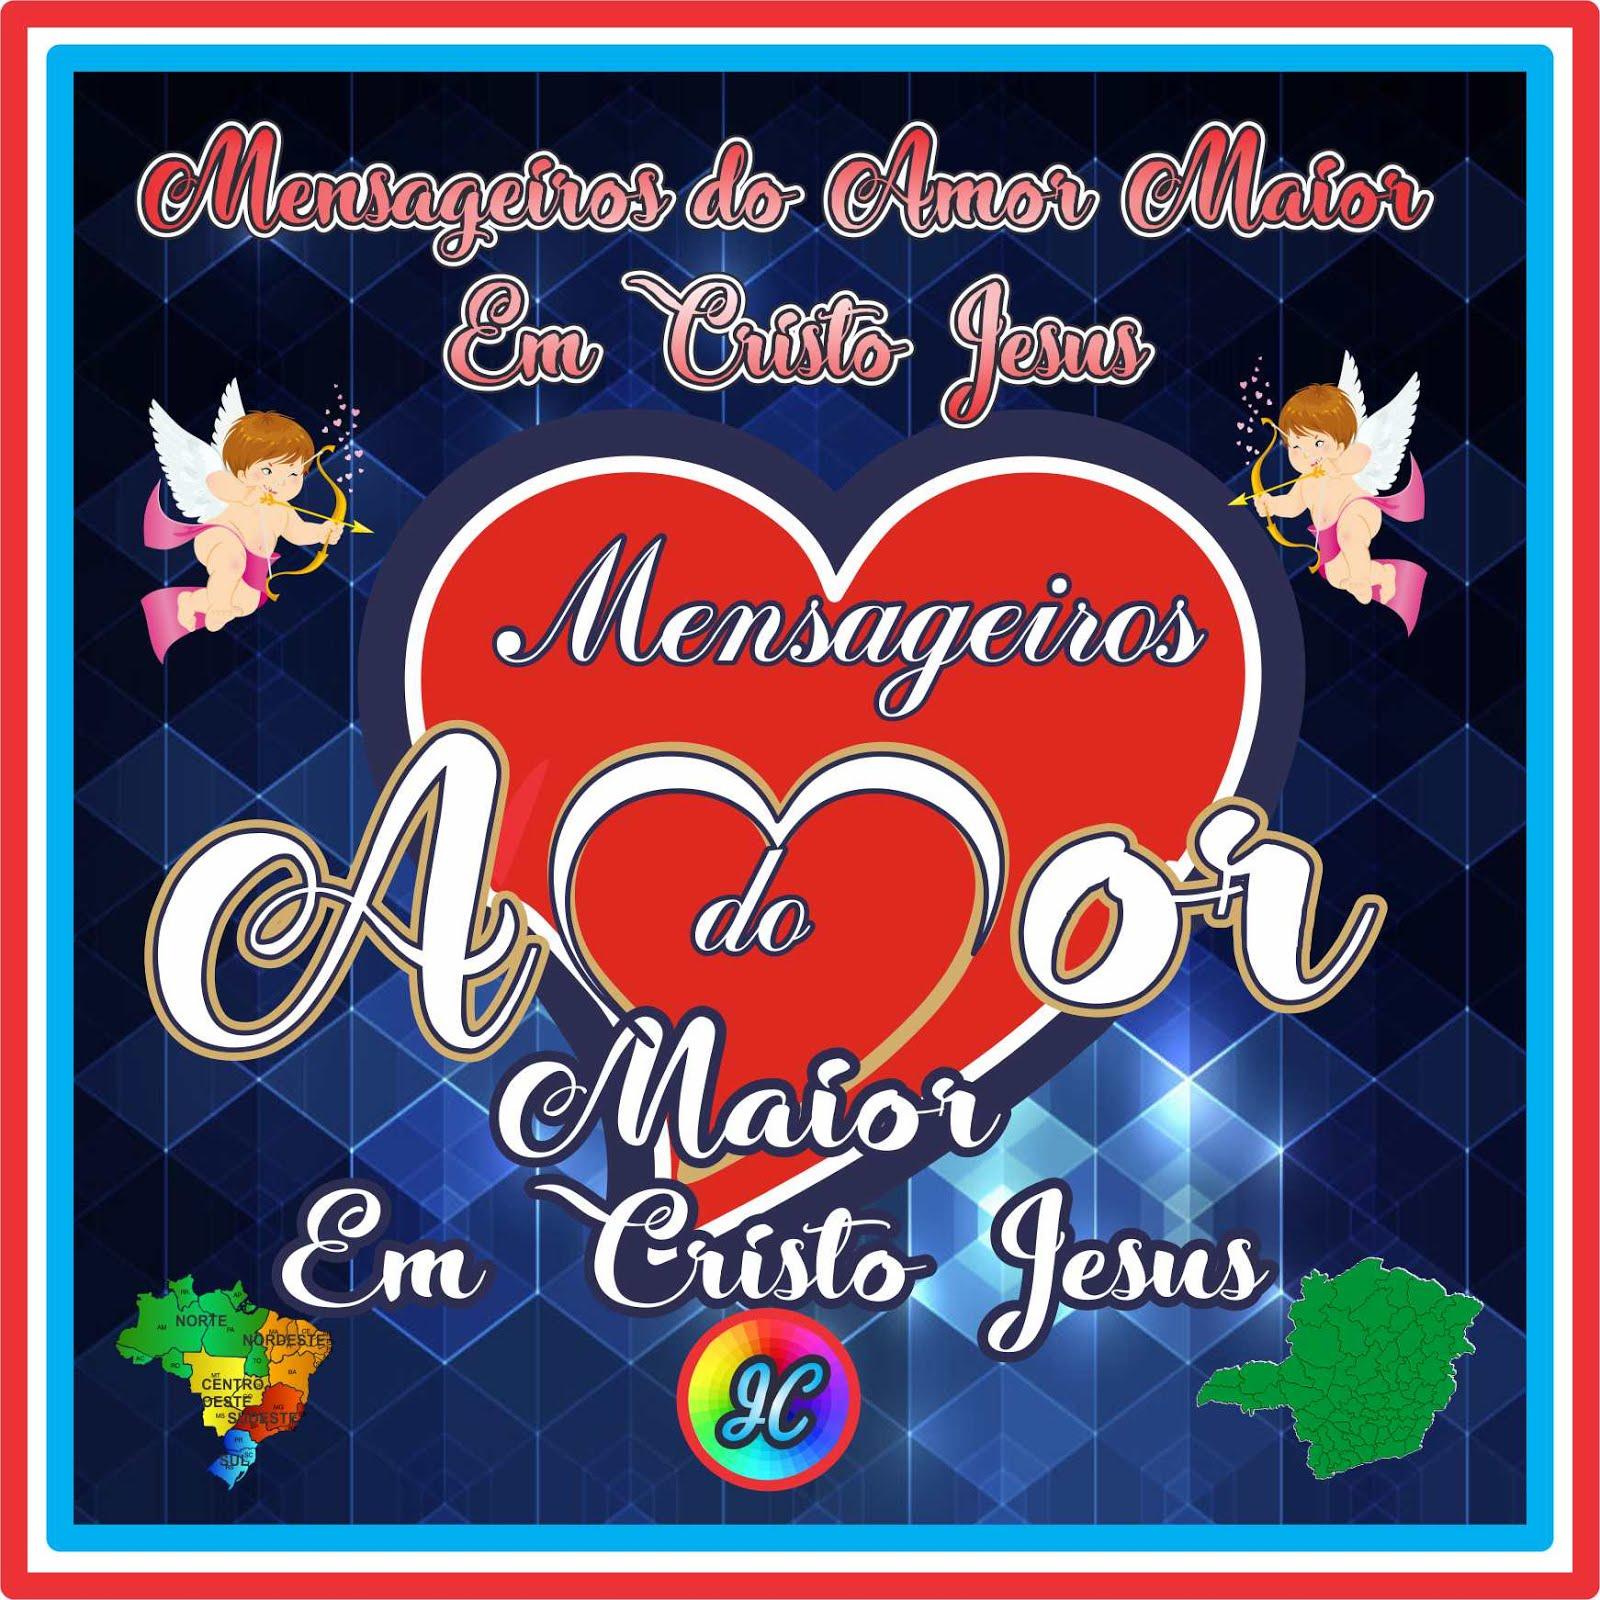 Fundação Reviver e Mensageiros do Amor Maior em Cristo Jesus